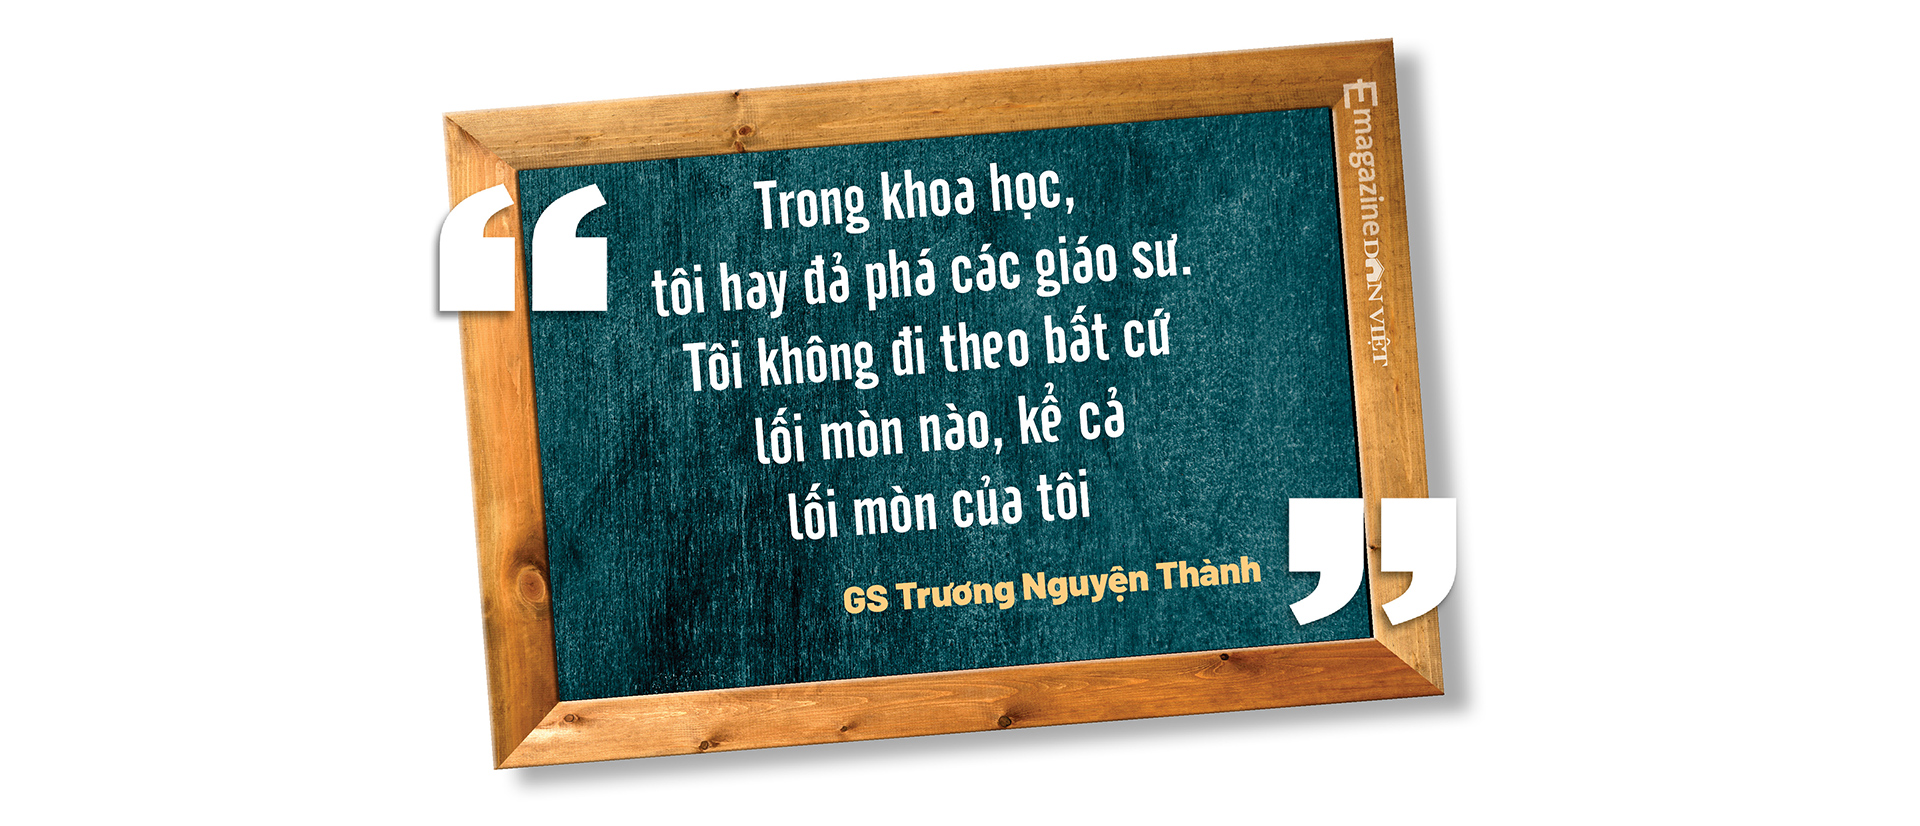 """Giáo sư """"quần đùi"""" Trương Nguyện Thành: """"Xóa học"""" để không đi theo lối mòn trong khoa học và tư duy - Ảnh 12."""